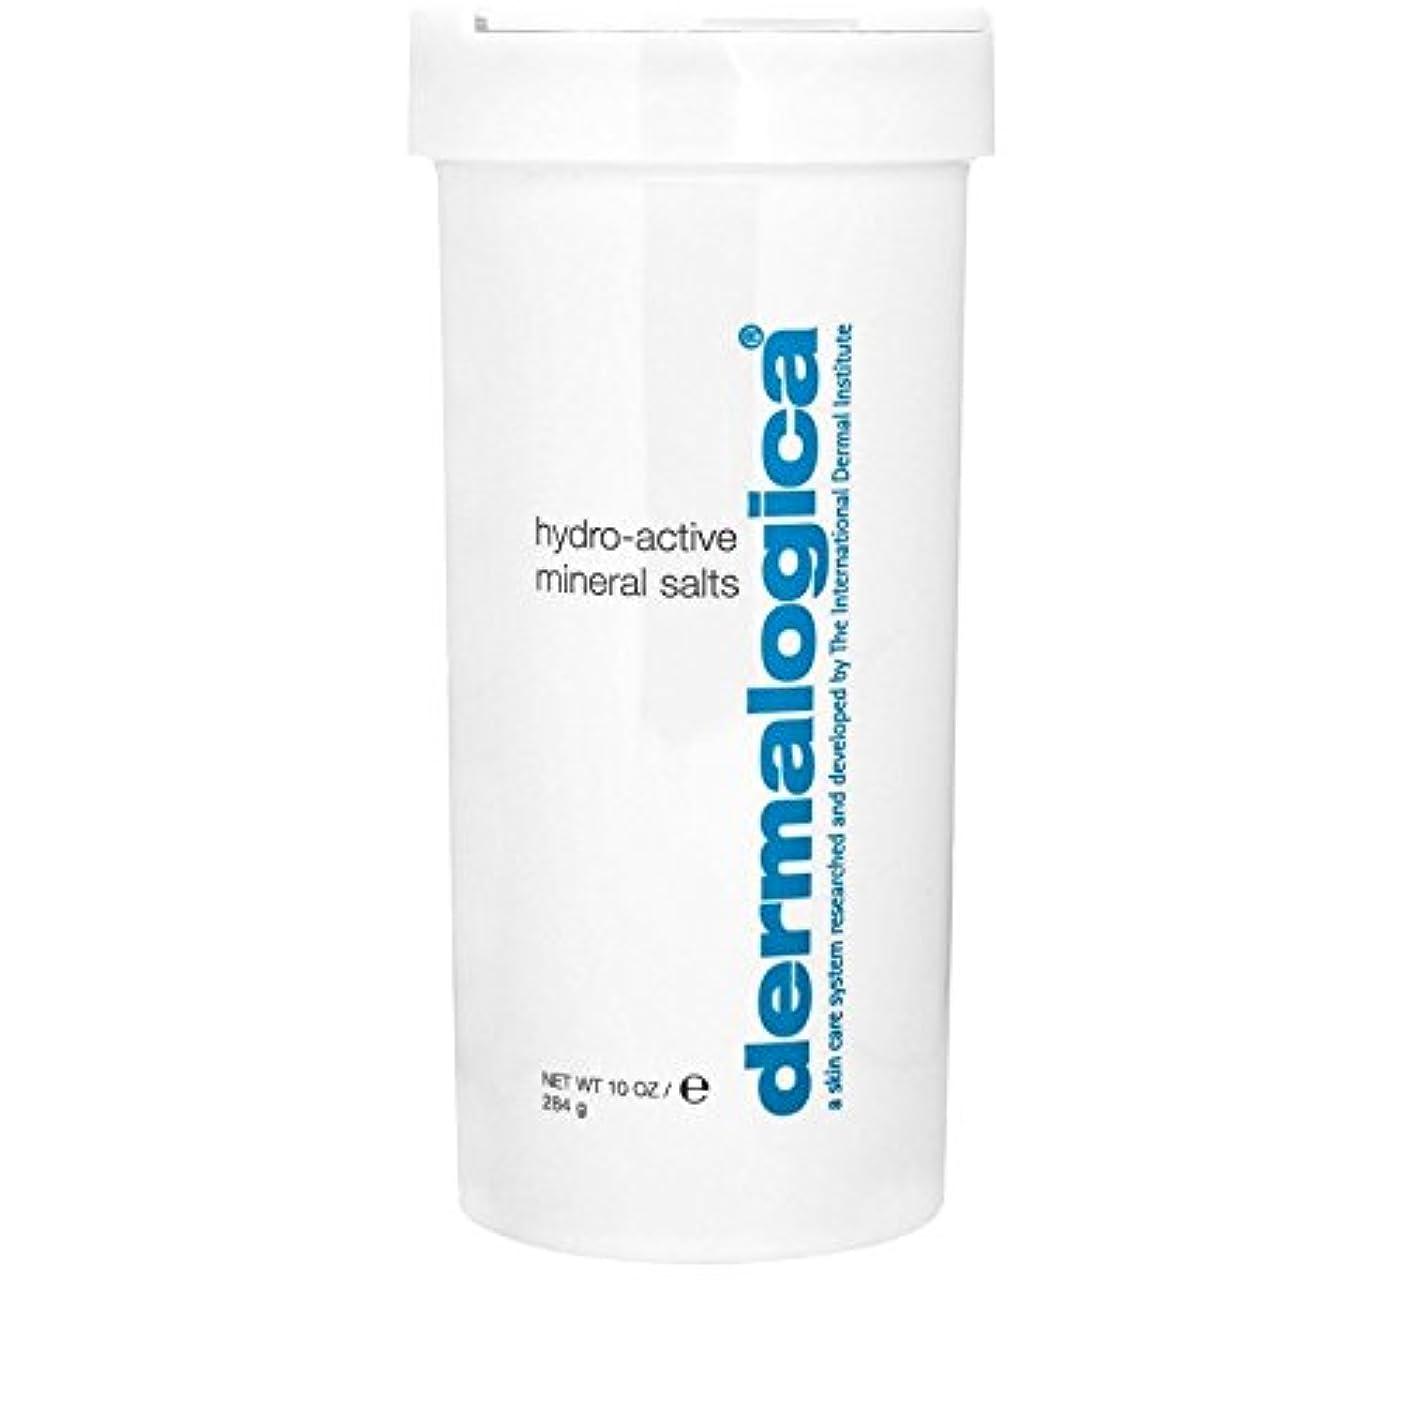 解体する故障中天窓ダーマロジカ水力アクティブミネラル塩284グラム x2 - Dermalogica Hydro Active Mineral Salt 284g (Pack of 2) [並行輸入品]